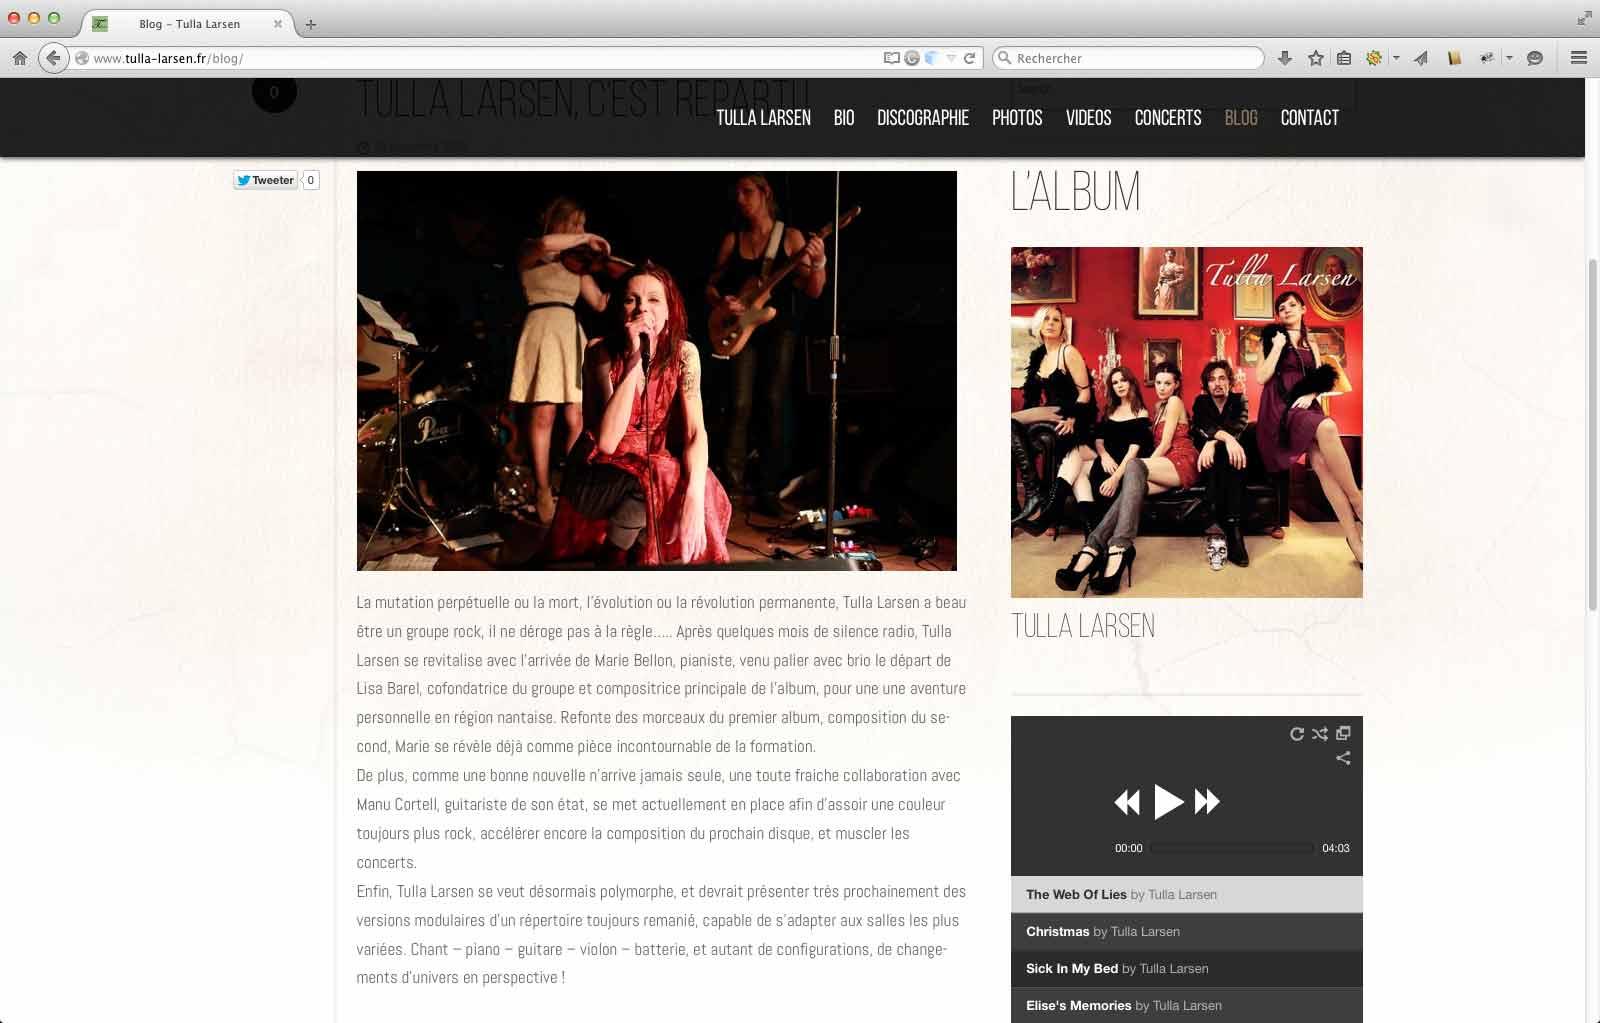 Création de site internet d'artiste, page de blog | CDW